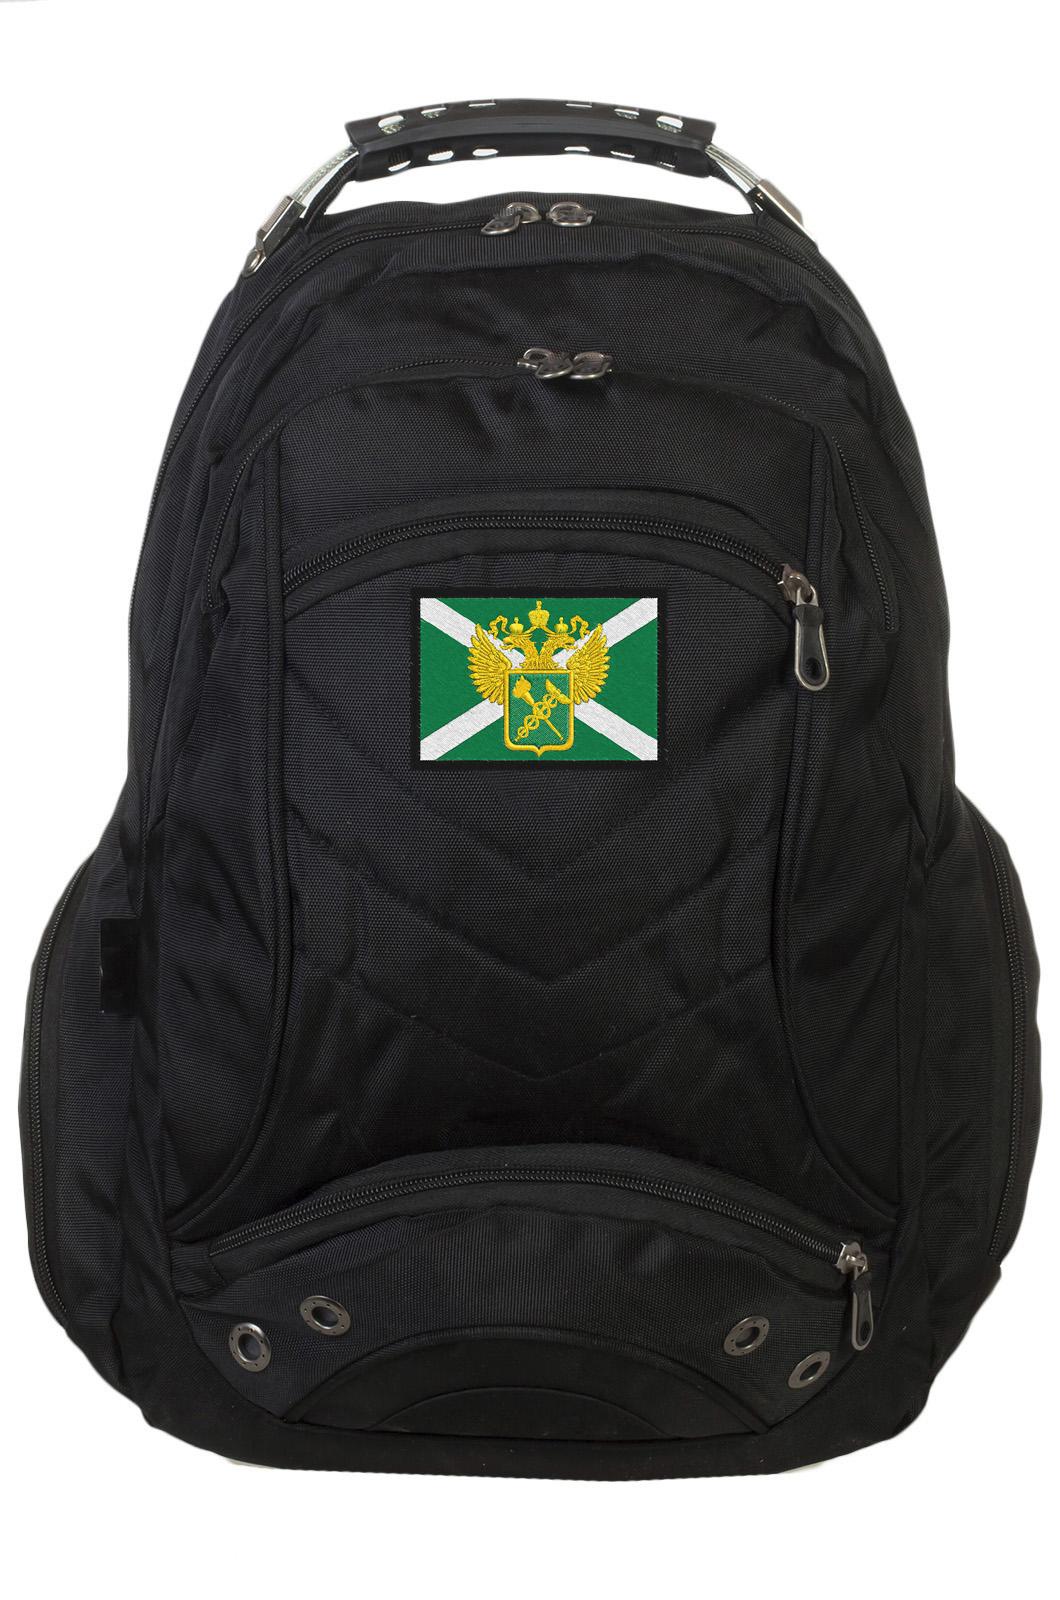 Классный городской рюкзак с флагом Таможенной службы